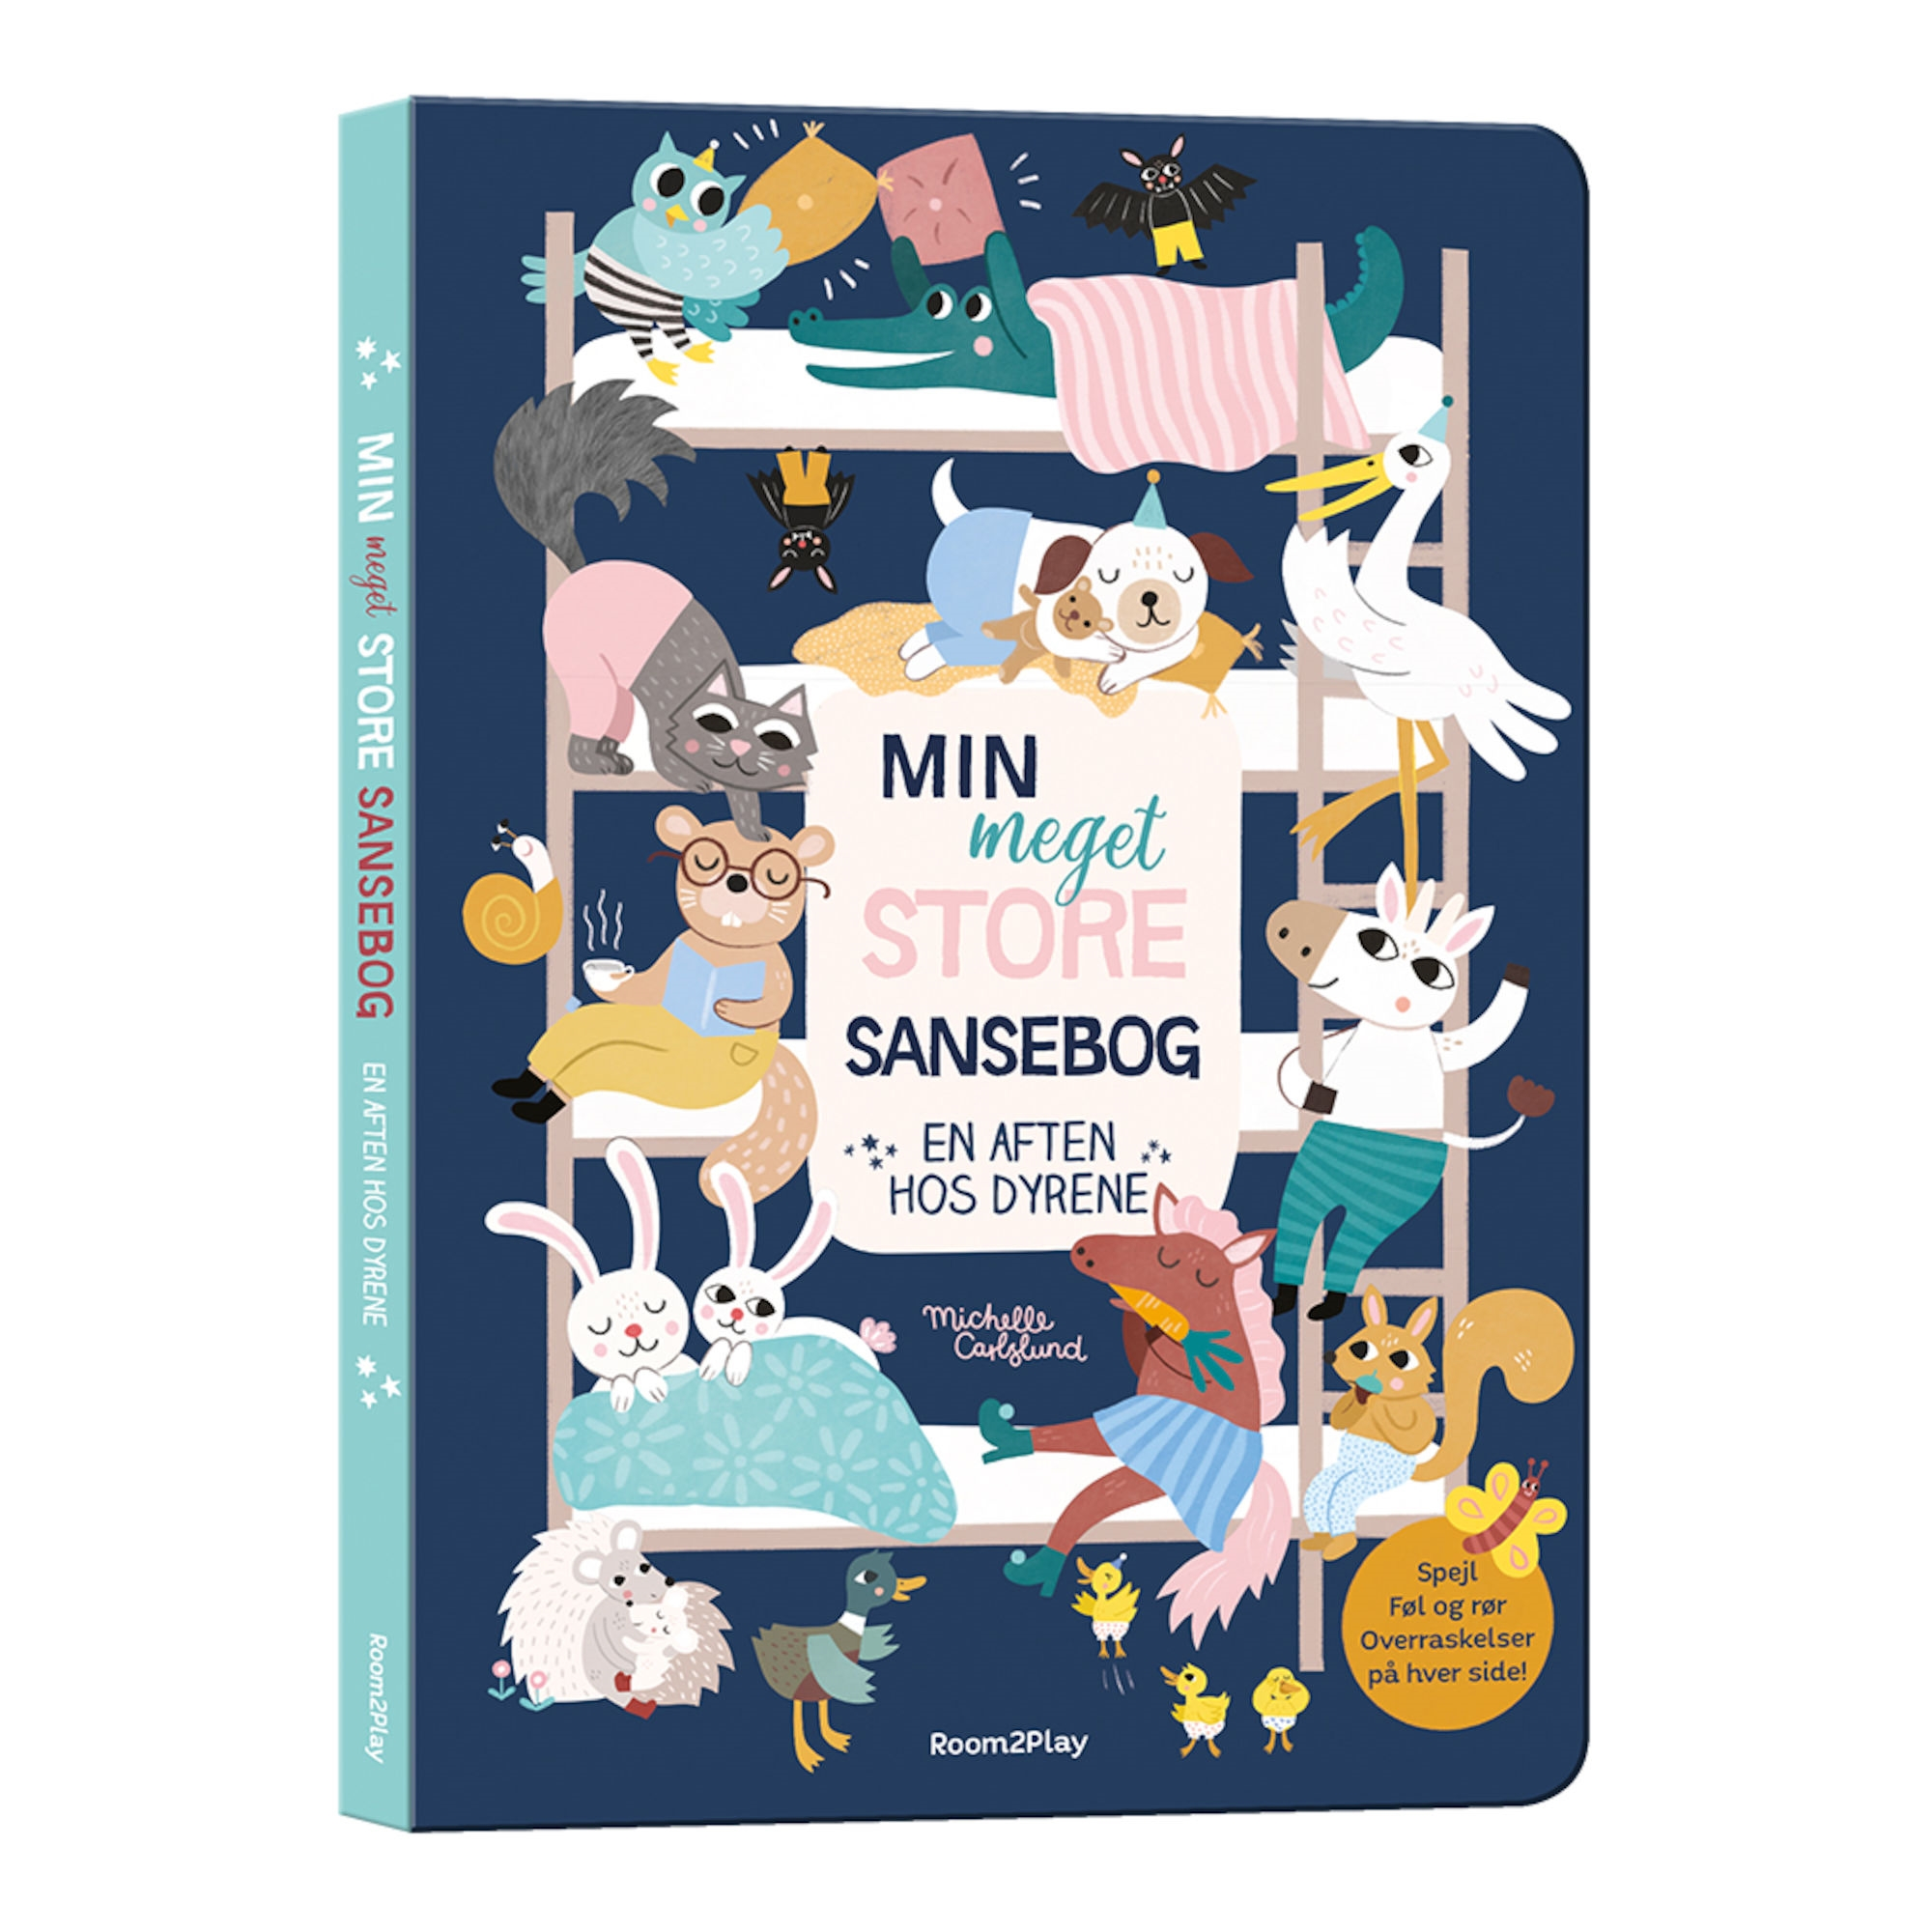 min-meget-store-sansebog-3-5388389